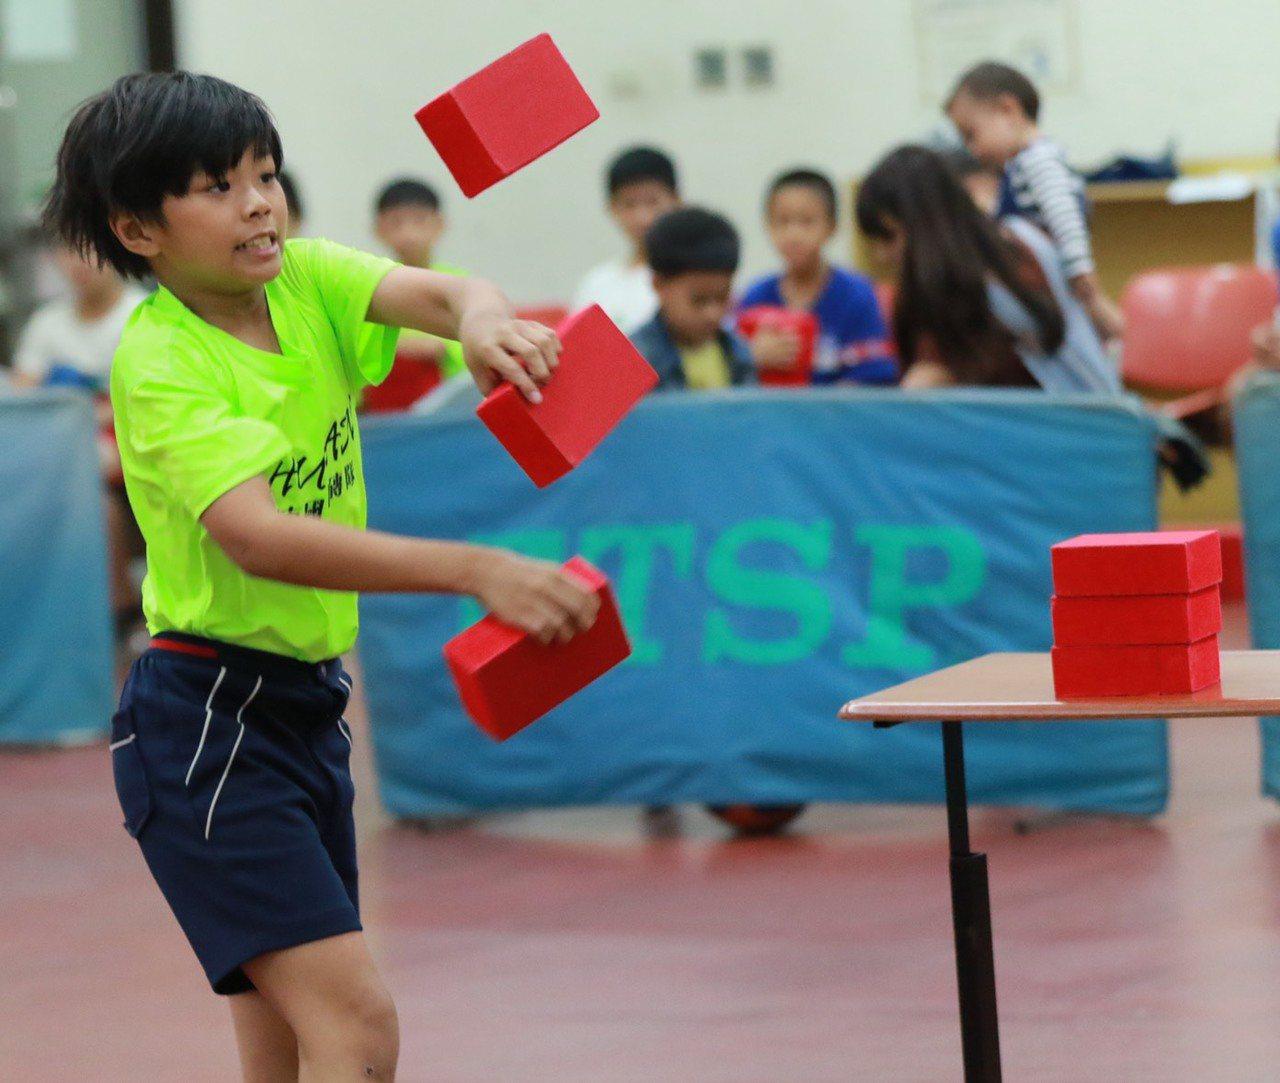 選手在砌磚神情專注展現個人最佳實力。圖/台南大學提供